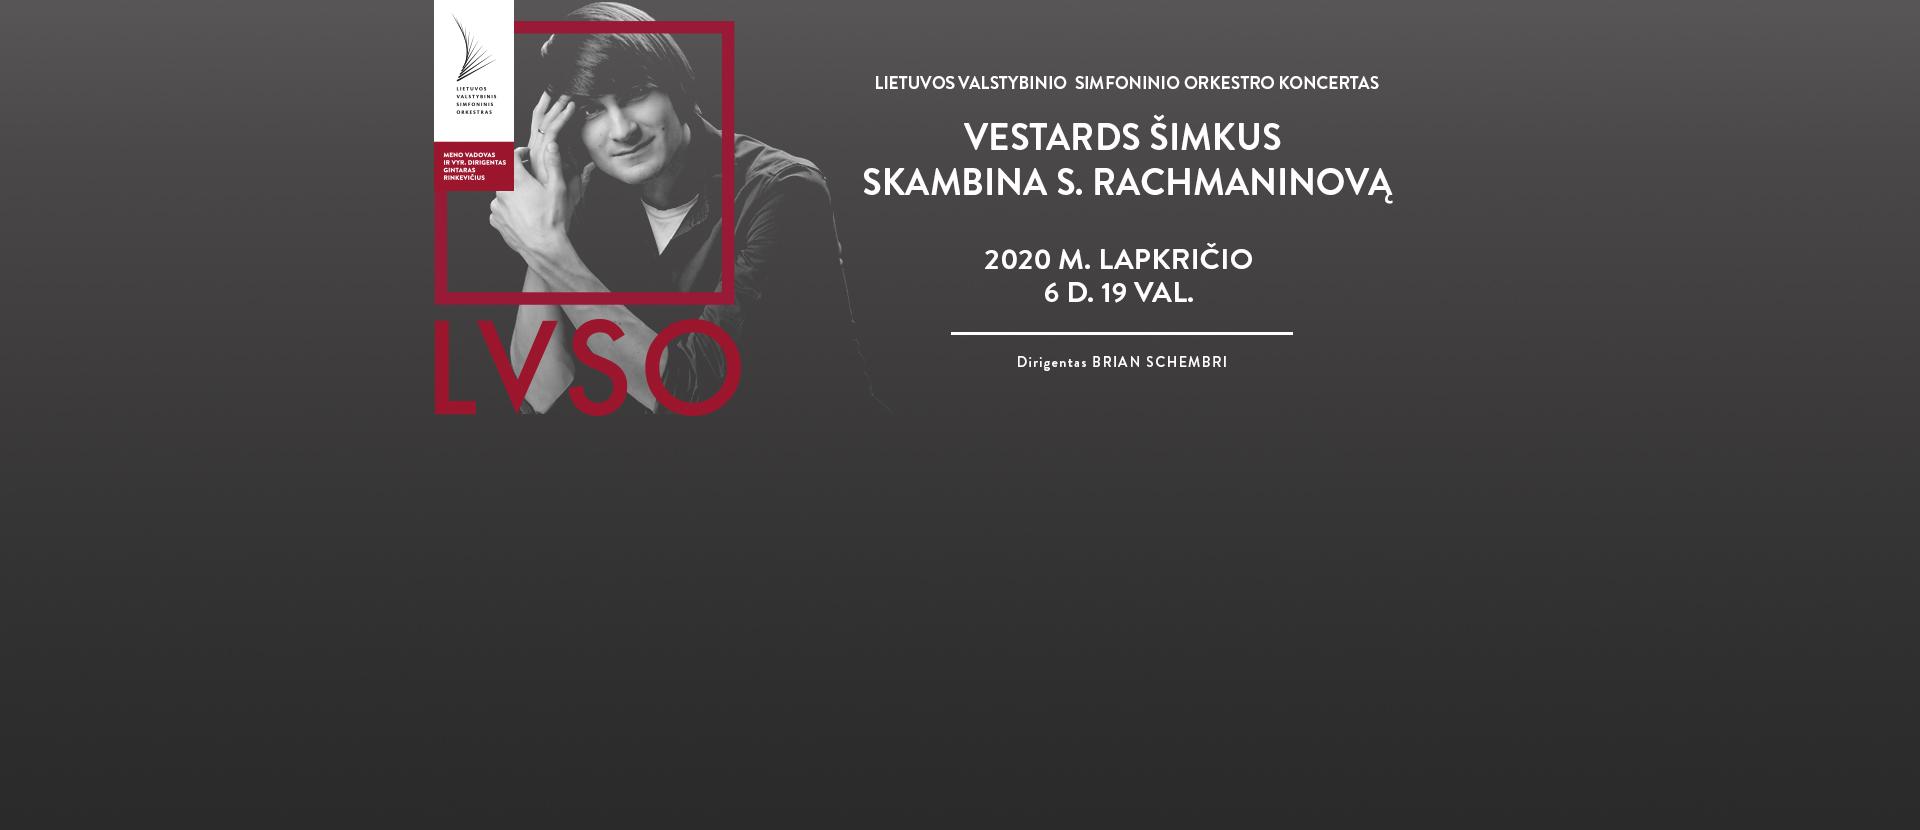 LVSO | VESTARDS ŠIMKUS SKAMBINA S. RACHMANINOVĄ